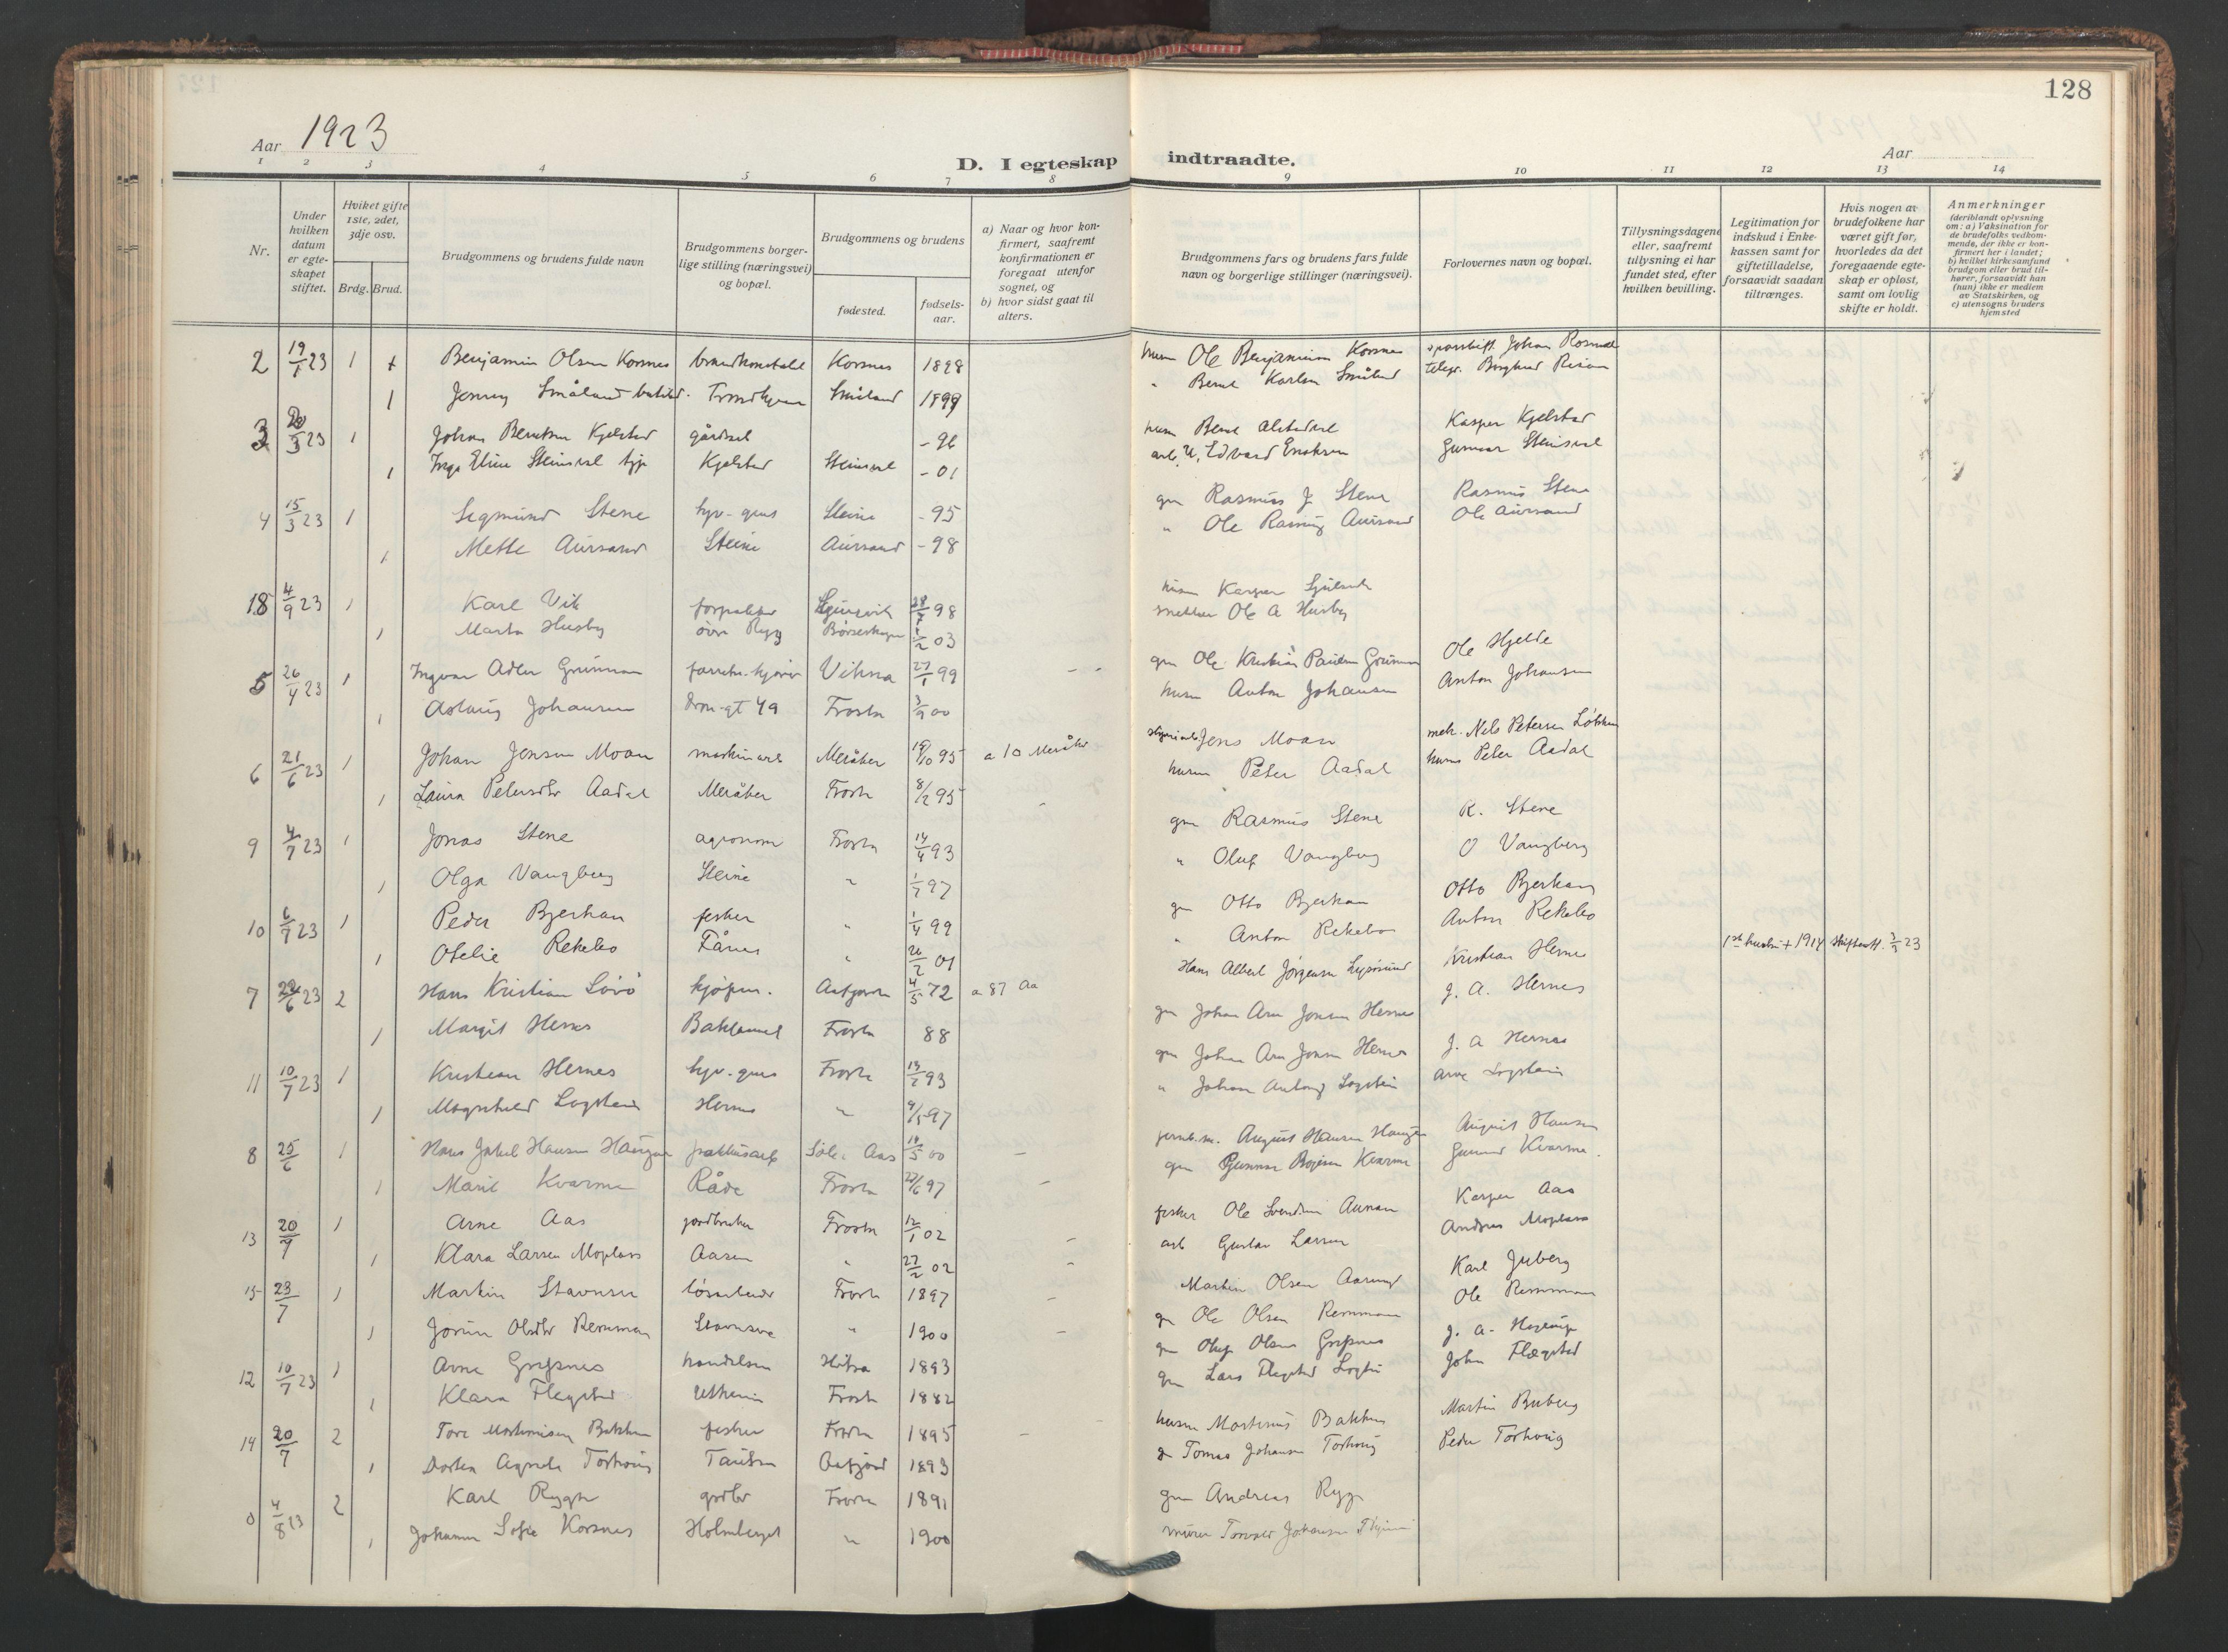 SAT, Ministerialprotokoller, klokkerbøker og fødselsregistre - Nord-Trøndelag, 713/L0123: Ministerialbok nr. 713A12, 1911-1925, s. 128